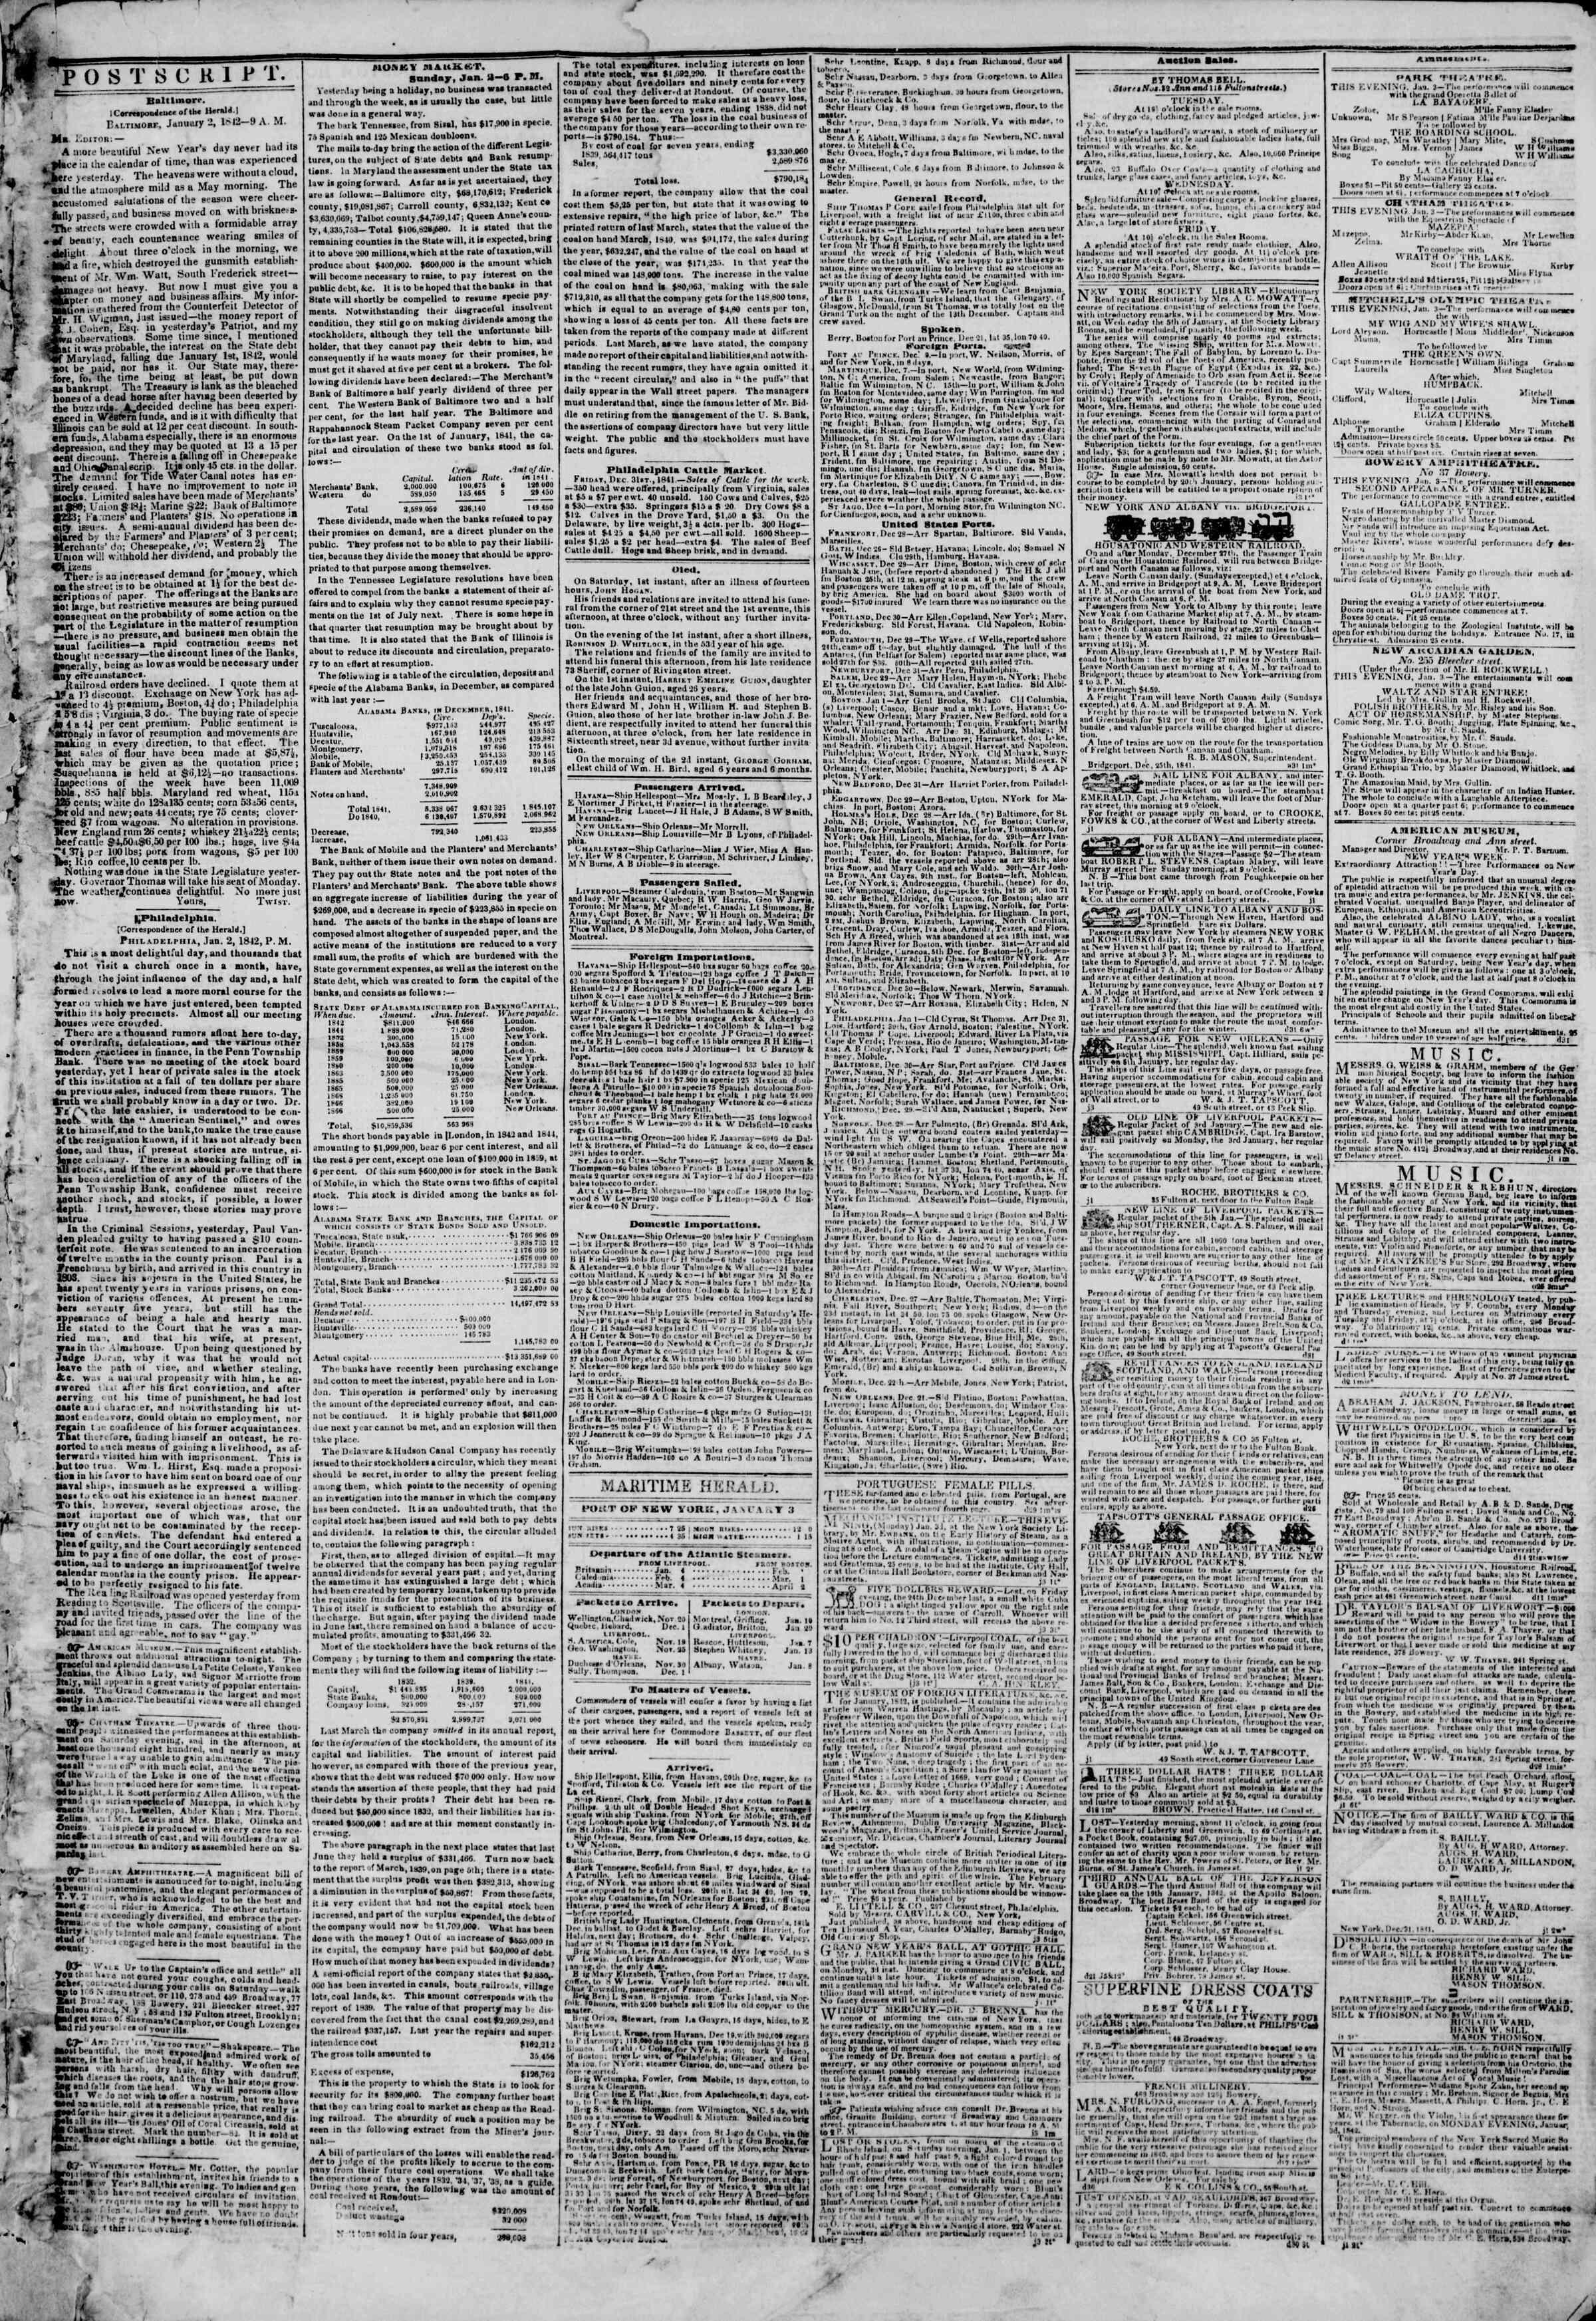 January 3, 1842 Tarihli The New York Herald Gazetesi Sayfa 3